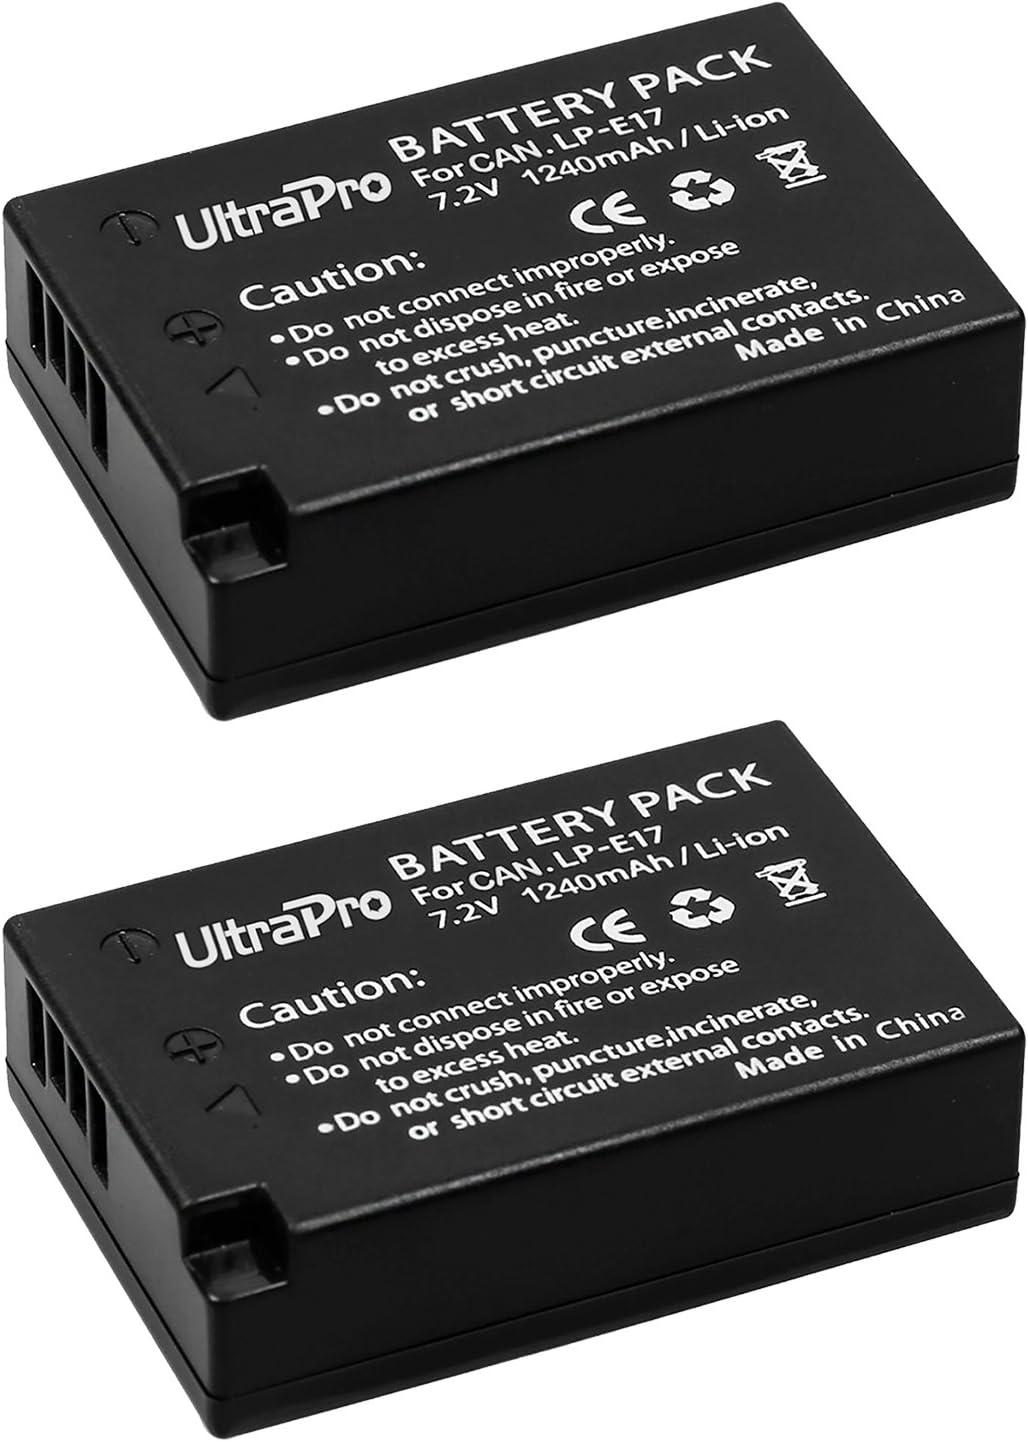 2-Pk LP-E17 Long-Life Batteries Rapid Dual Charger UltraPro Accessory Bundle EOS 77D EOS 800D: Includes Replacement Grip Battery Grip Bundle F//Canon Rebel T7i